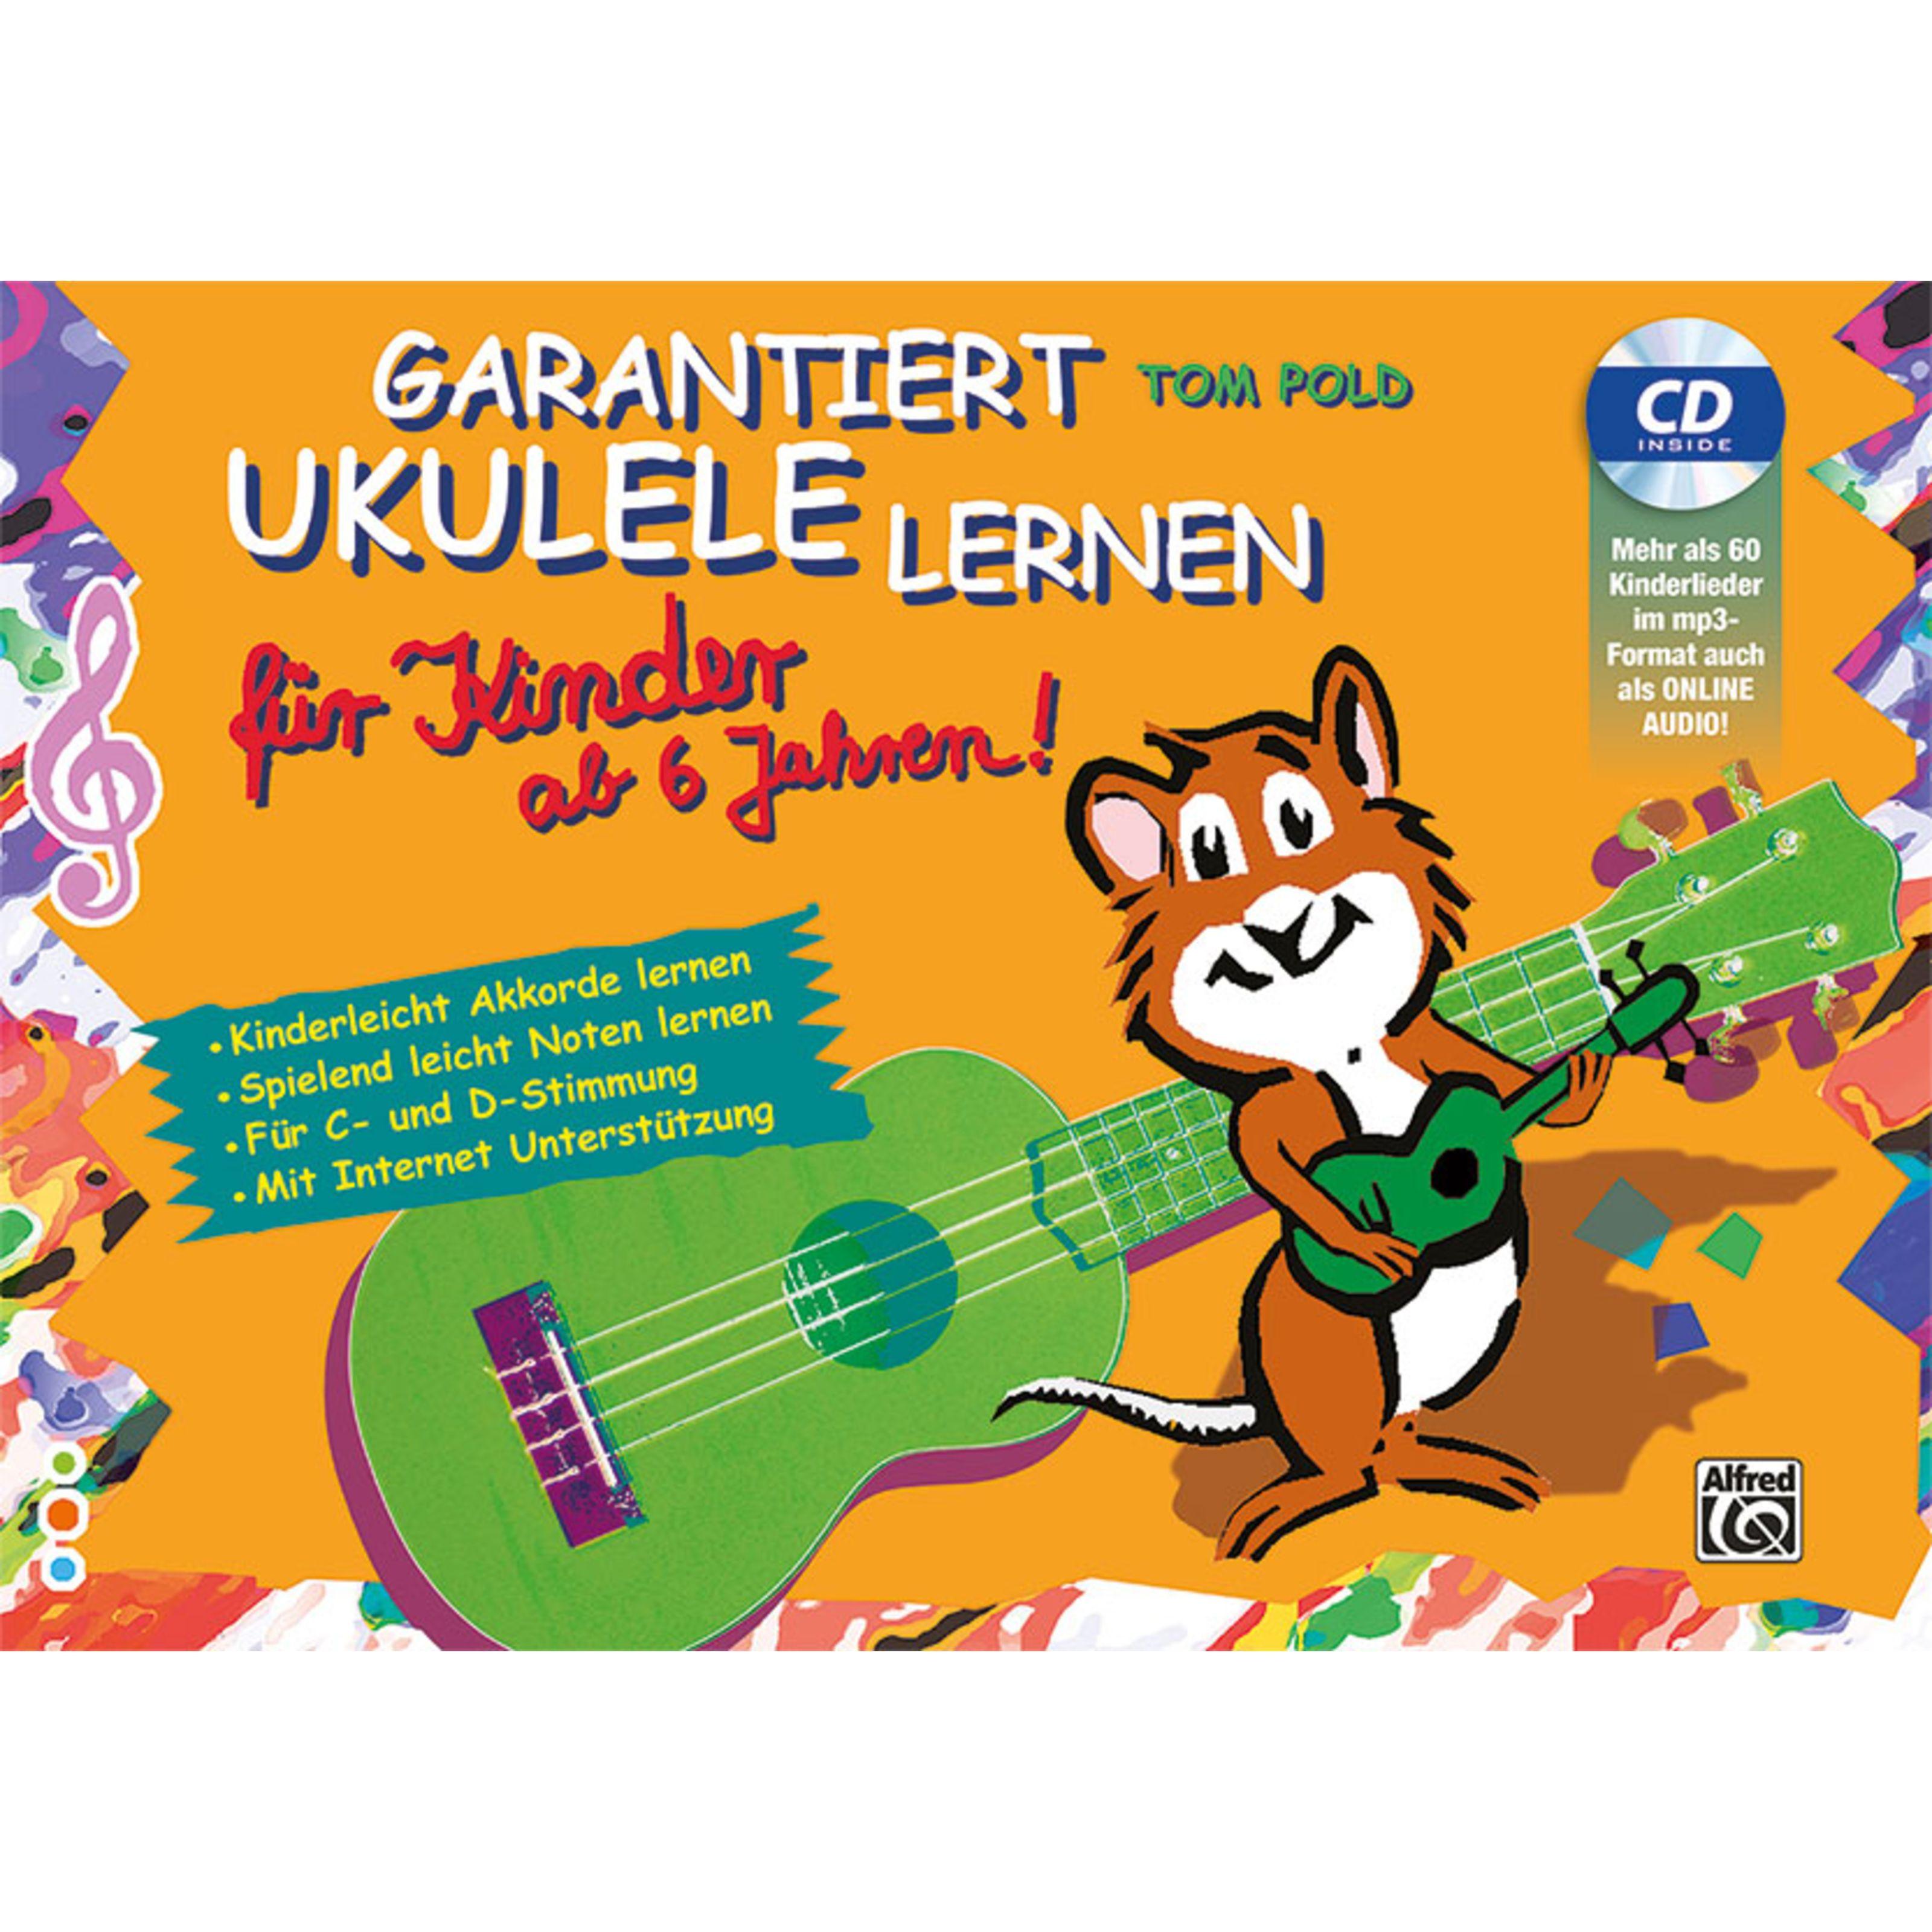 Alfred Music - Garantiert Ukulele lernen für Kinder 00-20202G